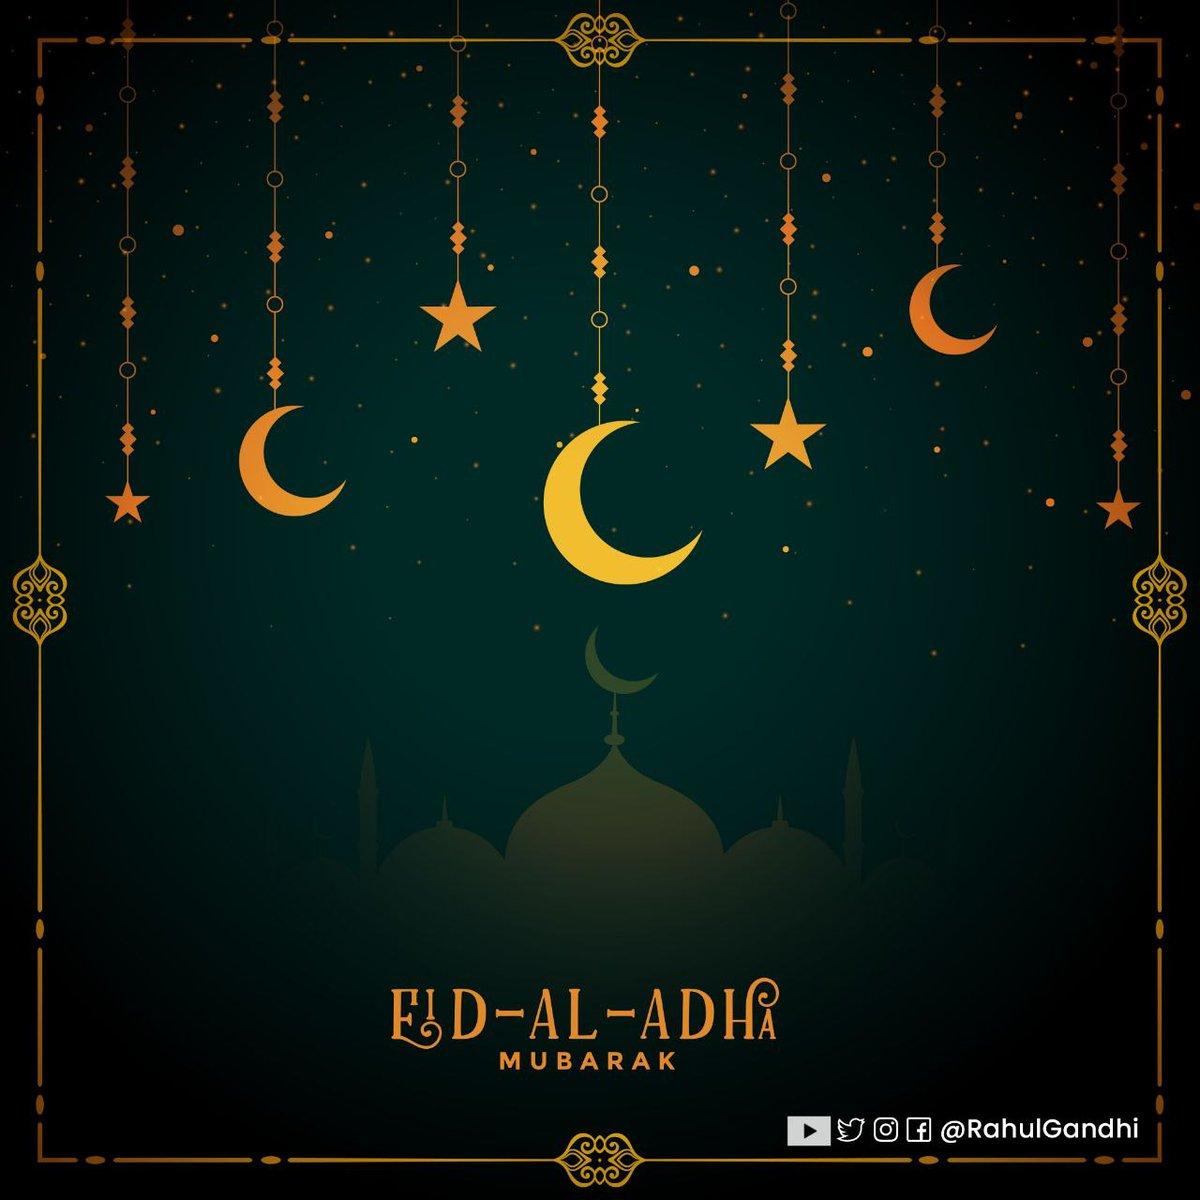 आप सभी को ईद अल-अज़हा मुबारक।  Greetings for Eid al-Adha.